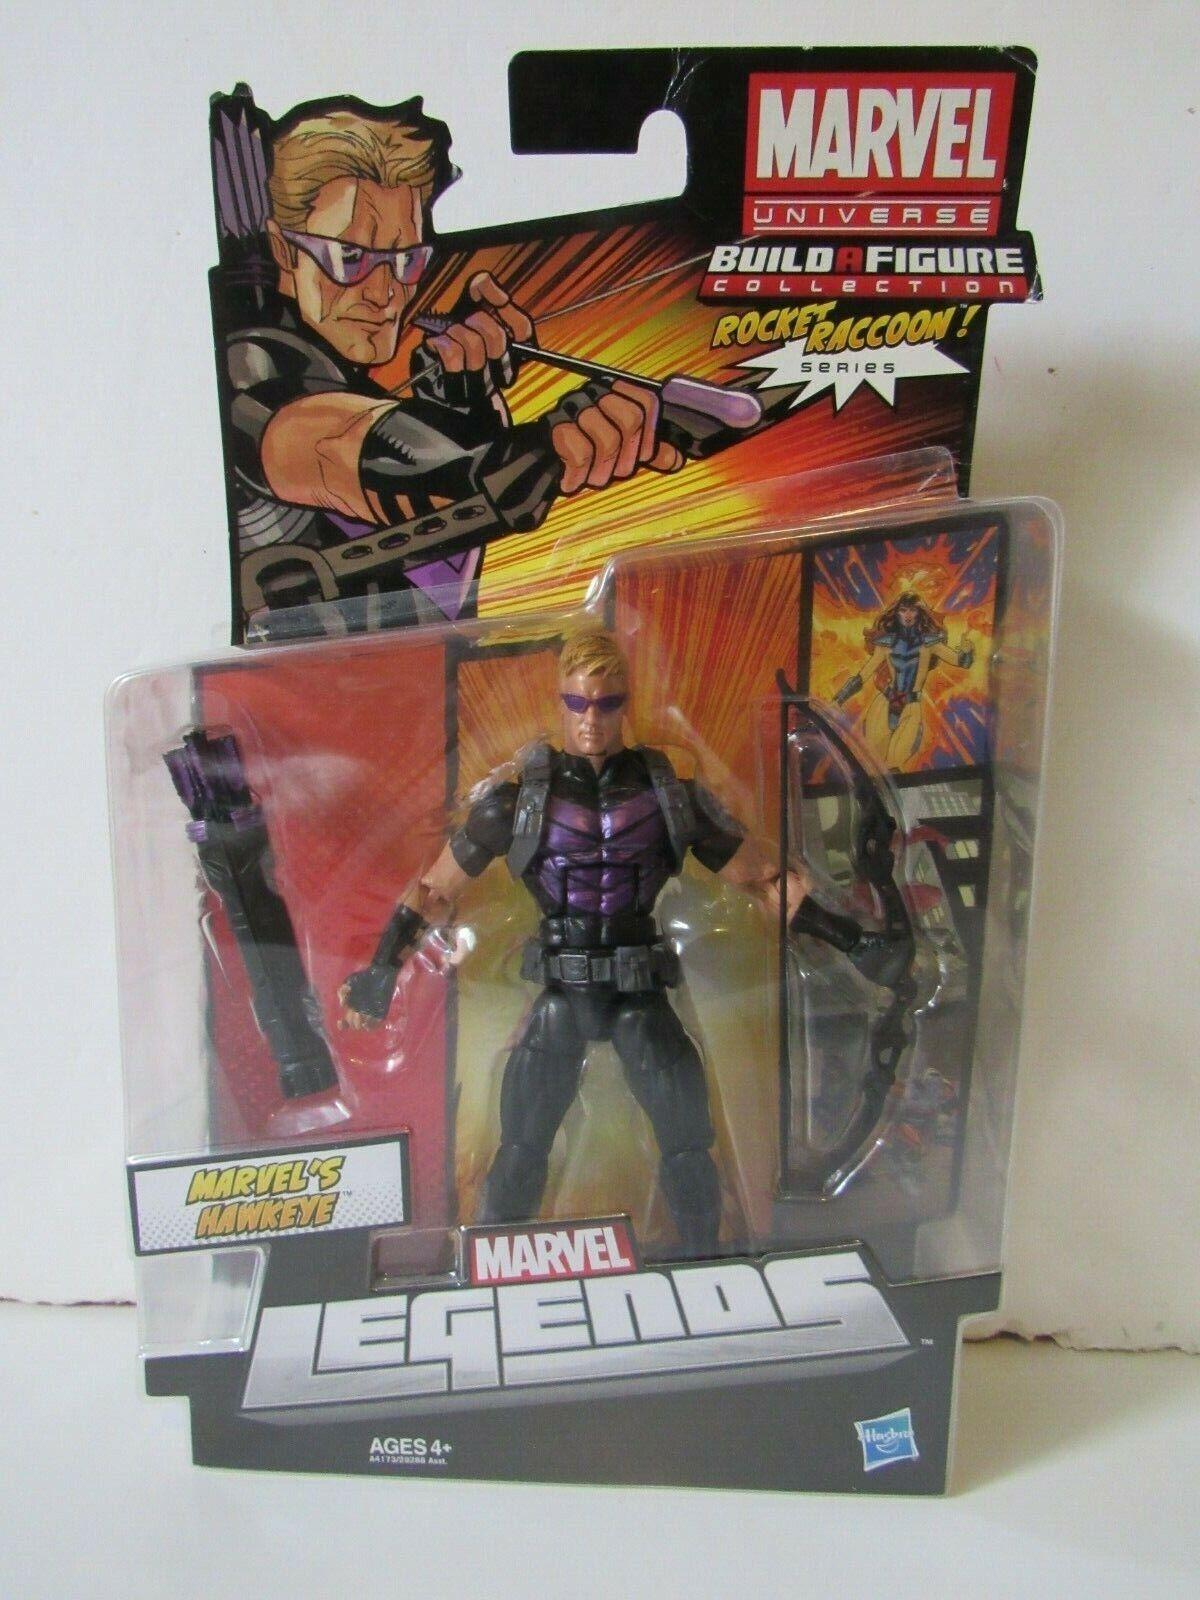 Marvel Leyendas Rocket Raccoon BAF serie 2 Hawkeye 6  pulgadas figura de acción 2013